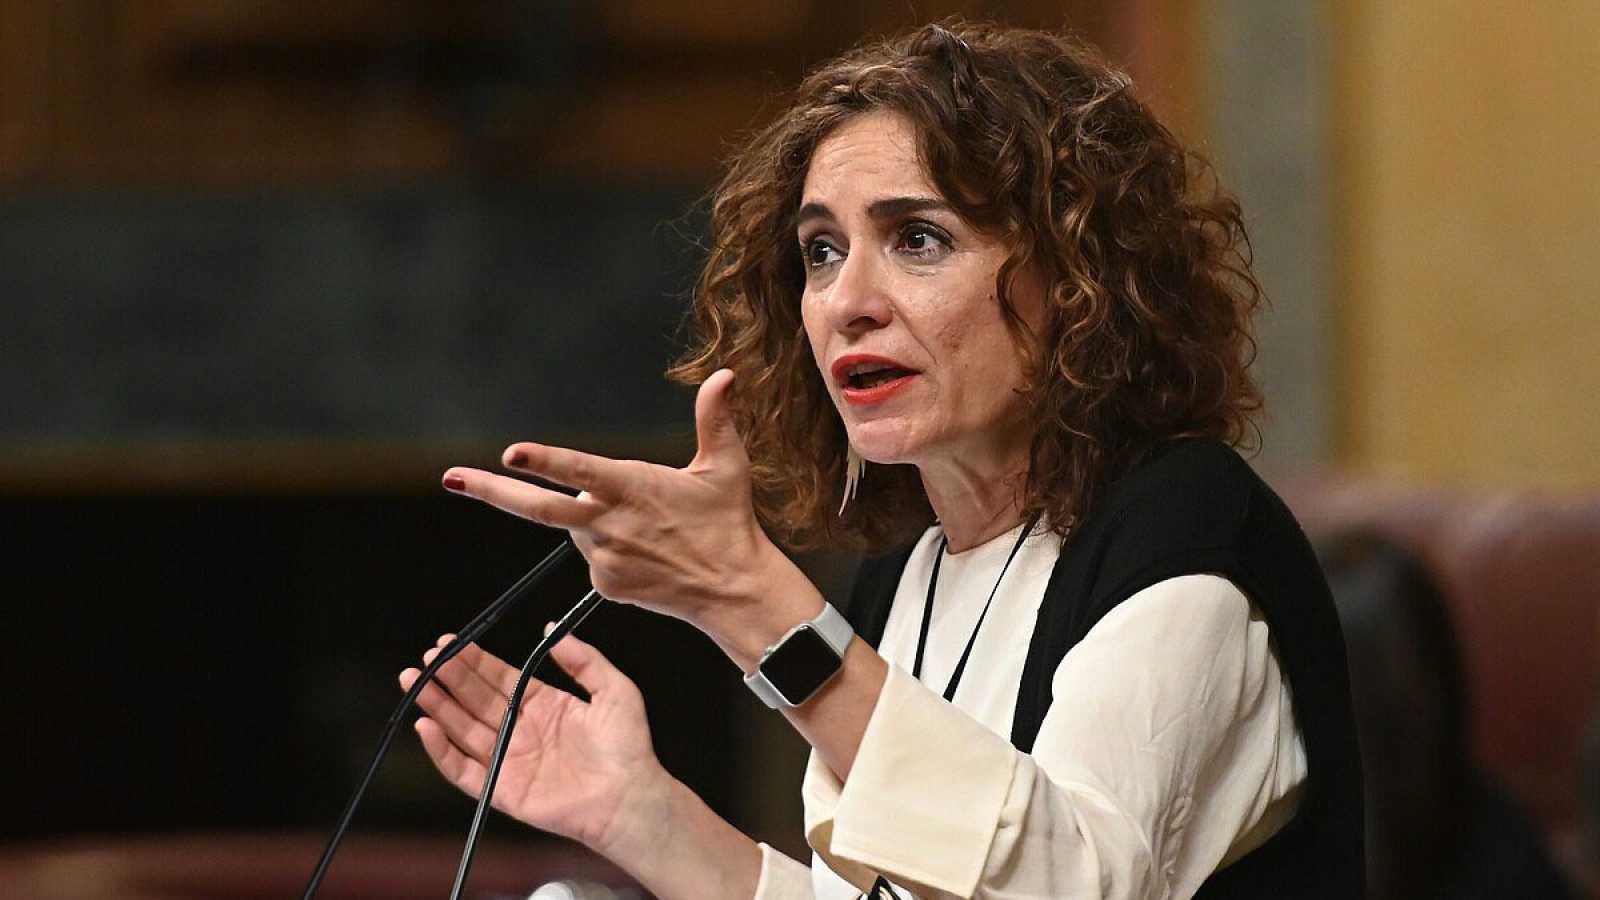 La ministra de Hacienda, María Jesús Montero, interviene en una sesión de control al Gobierno